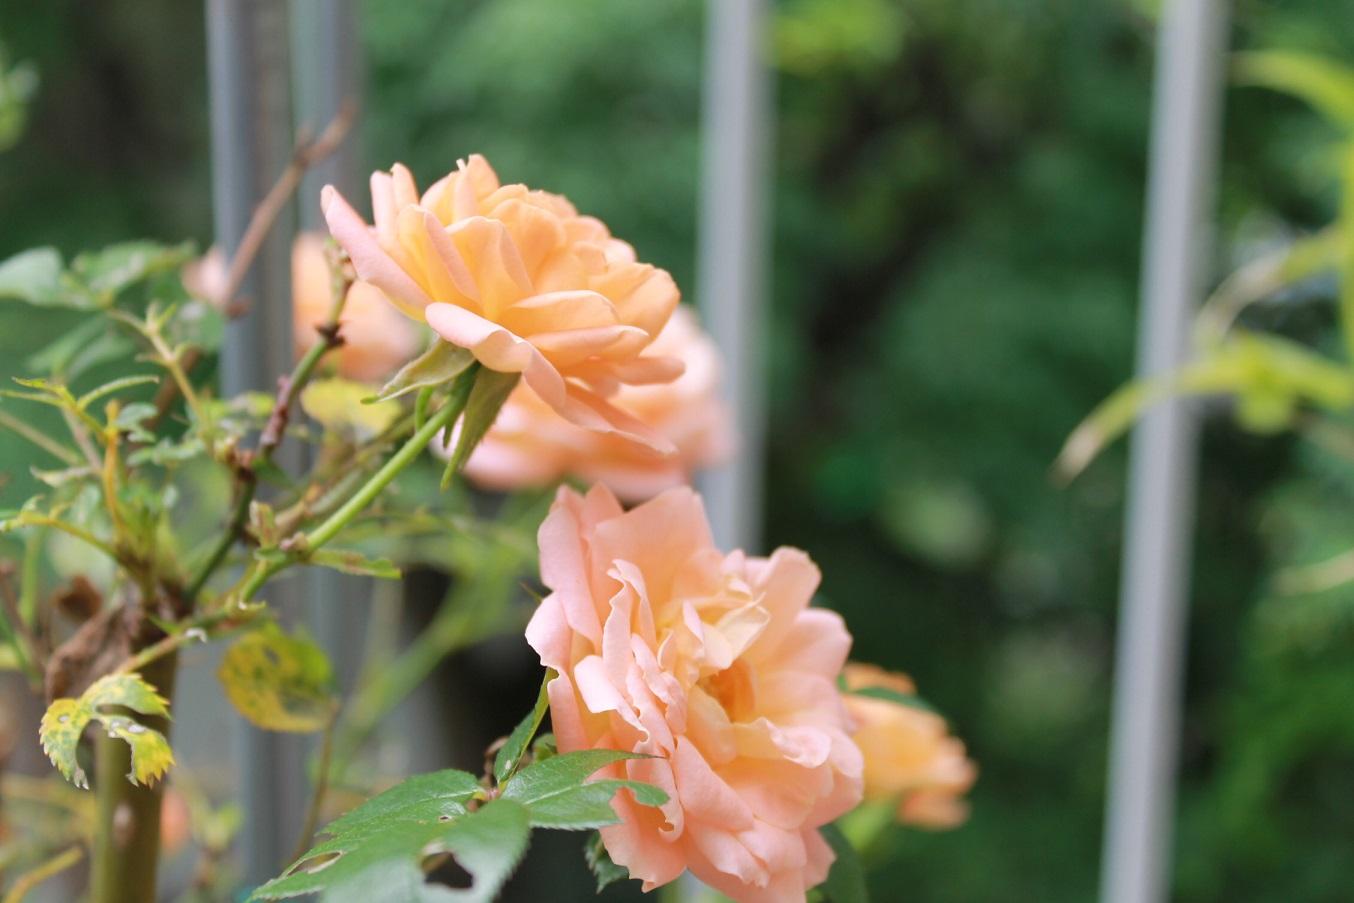 蘭香茶館の黄金牡丹花も満開しました。_f0070743_14132321.jpg